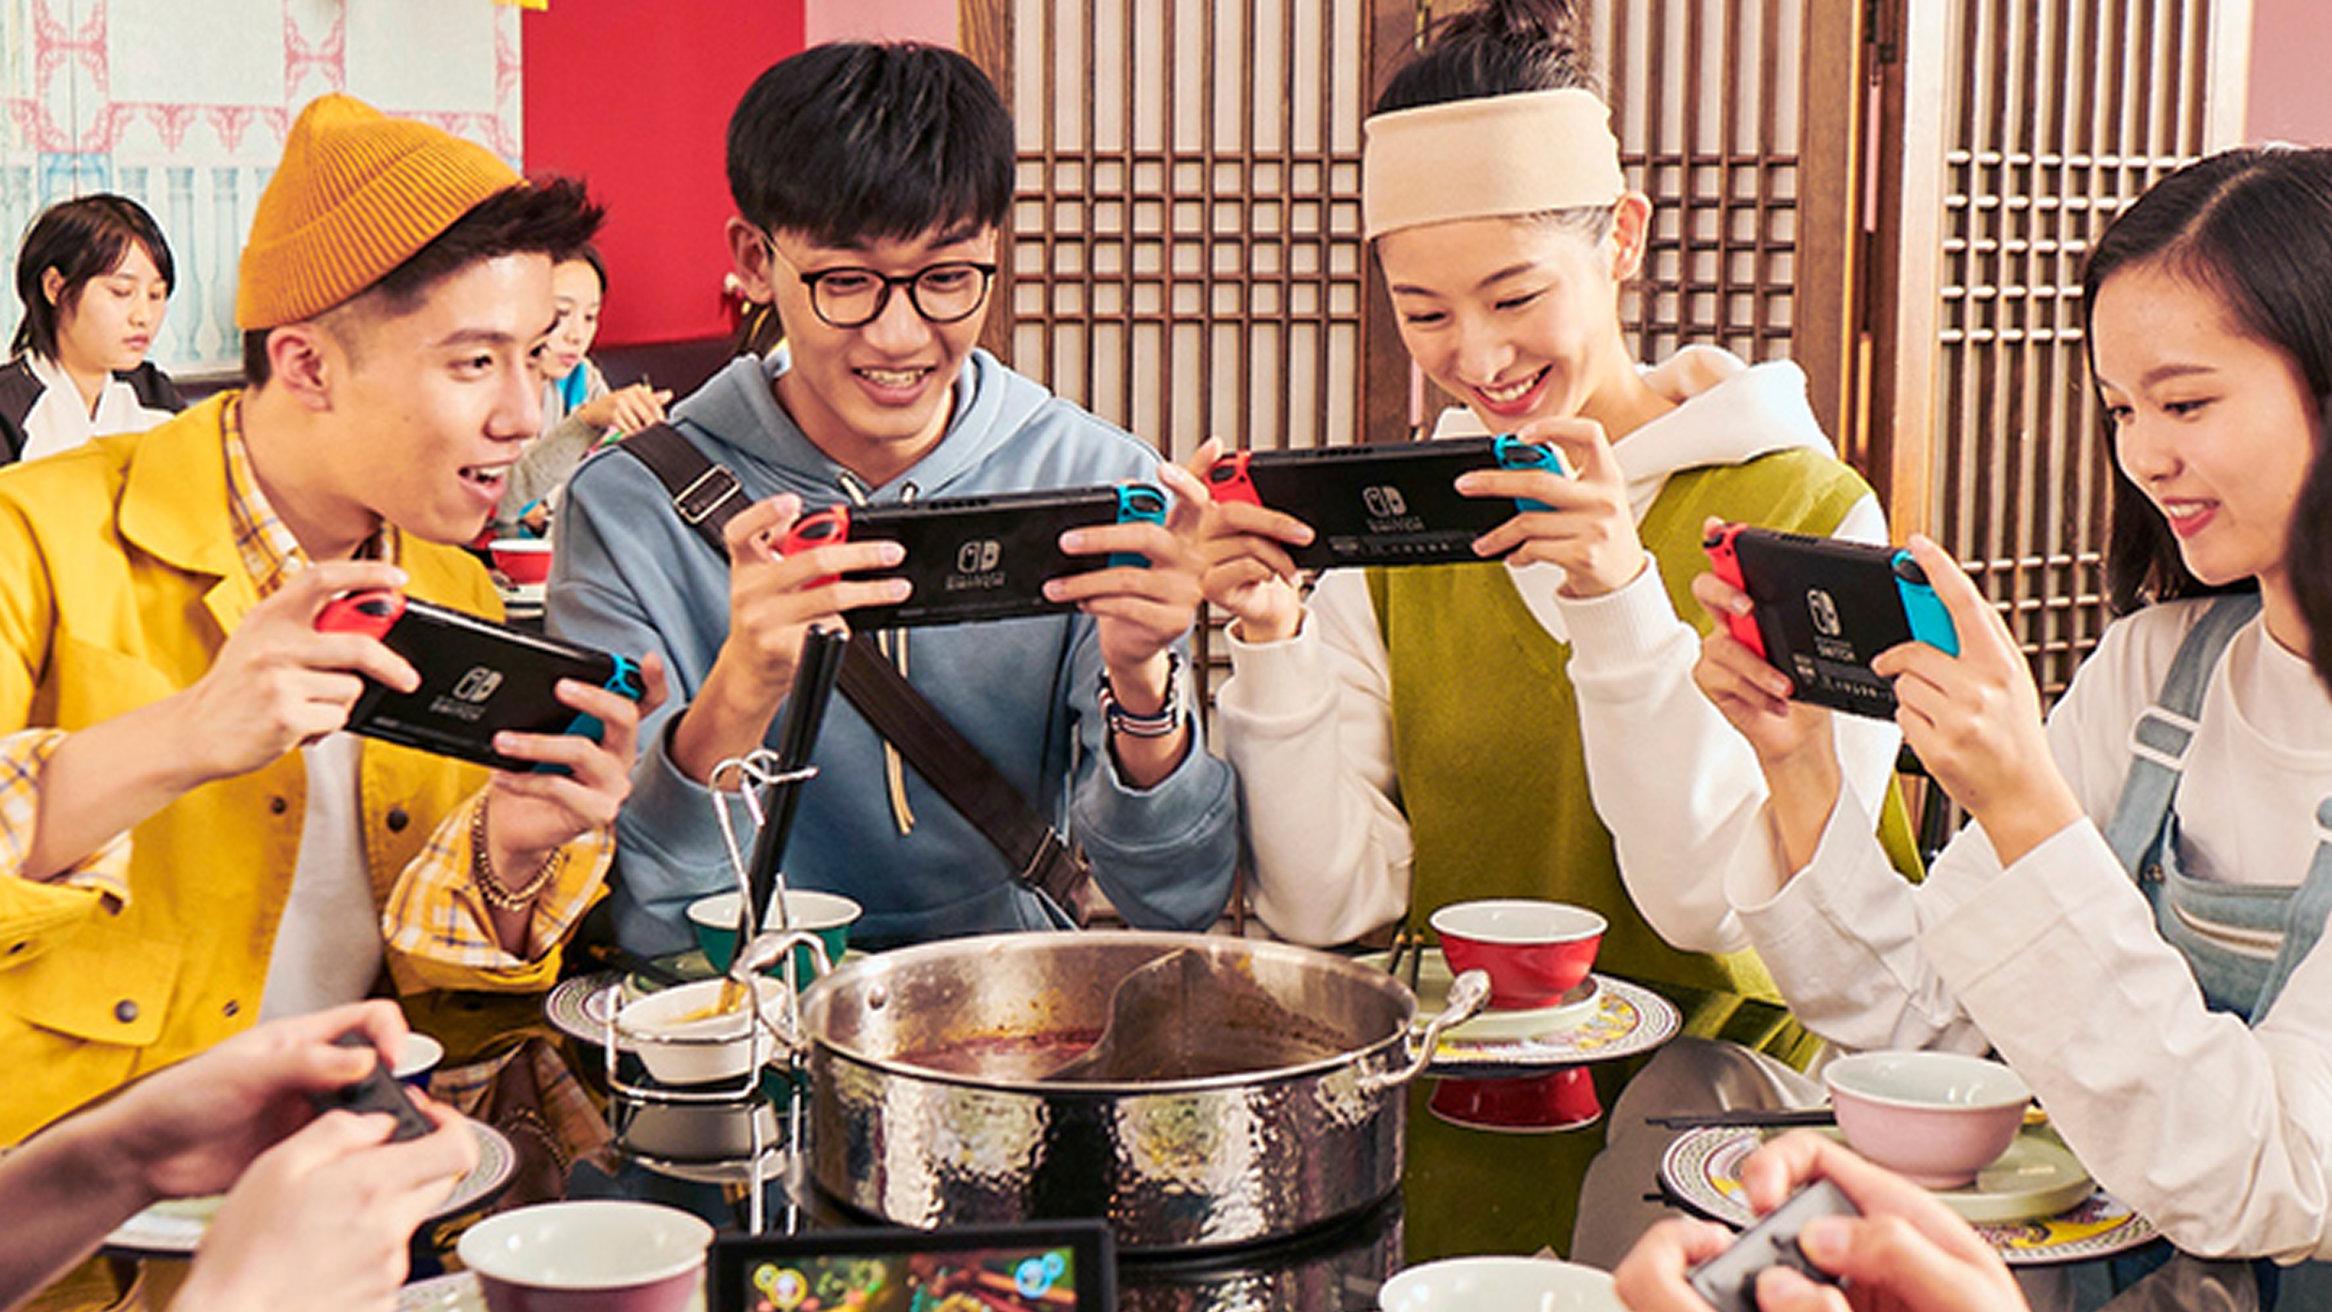 ニンテンドースイッチ、中国での発売日。転売業者は減る